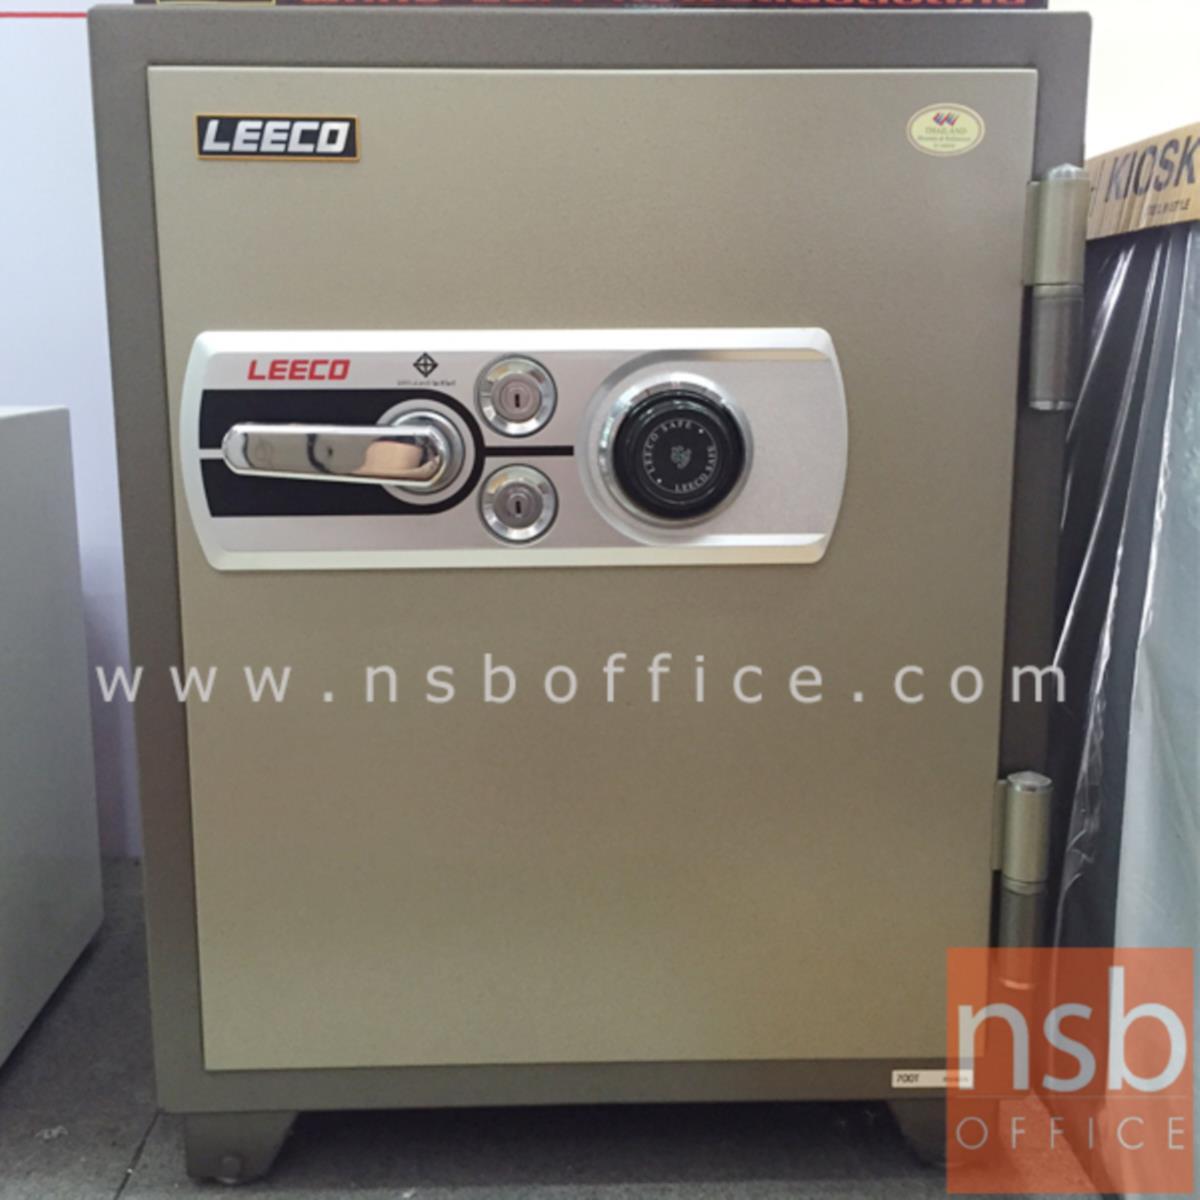 ตู้เซฟนิรภัย 155 กก. ลีโก้ รุ่น LEECO-700T มี 2 กุญแจ 1 รหัส (เปลี่ยนรหัสได้)